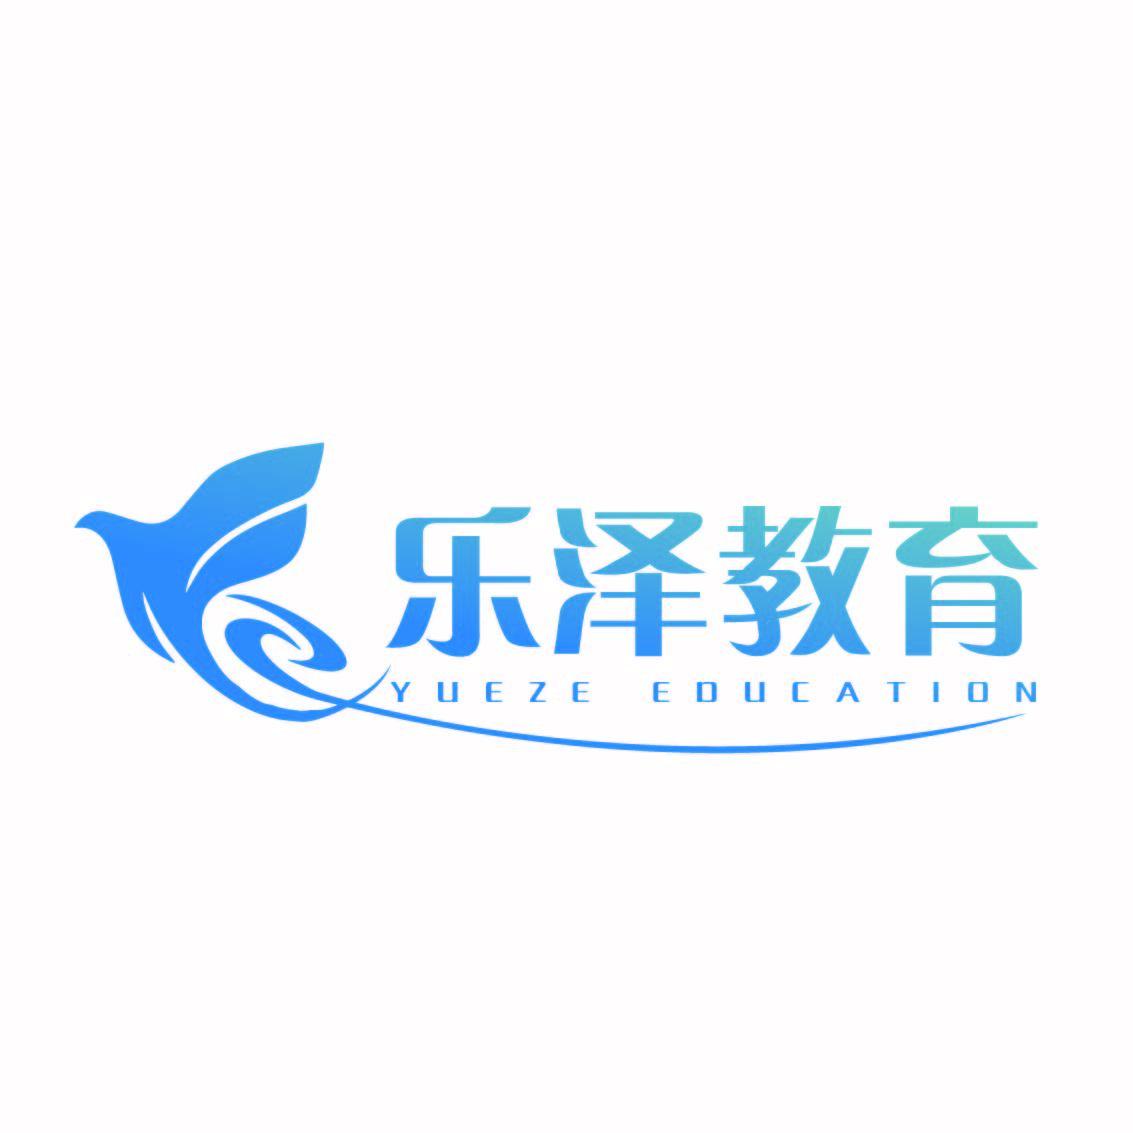 广西乐泽教育咨询服务有限公司招聘:公司标志 logo